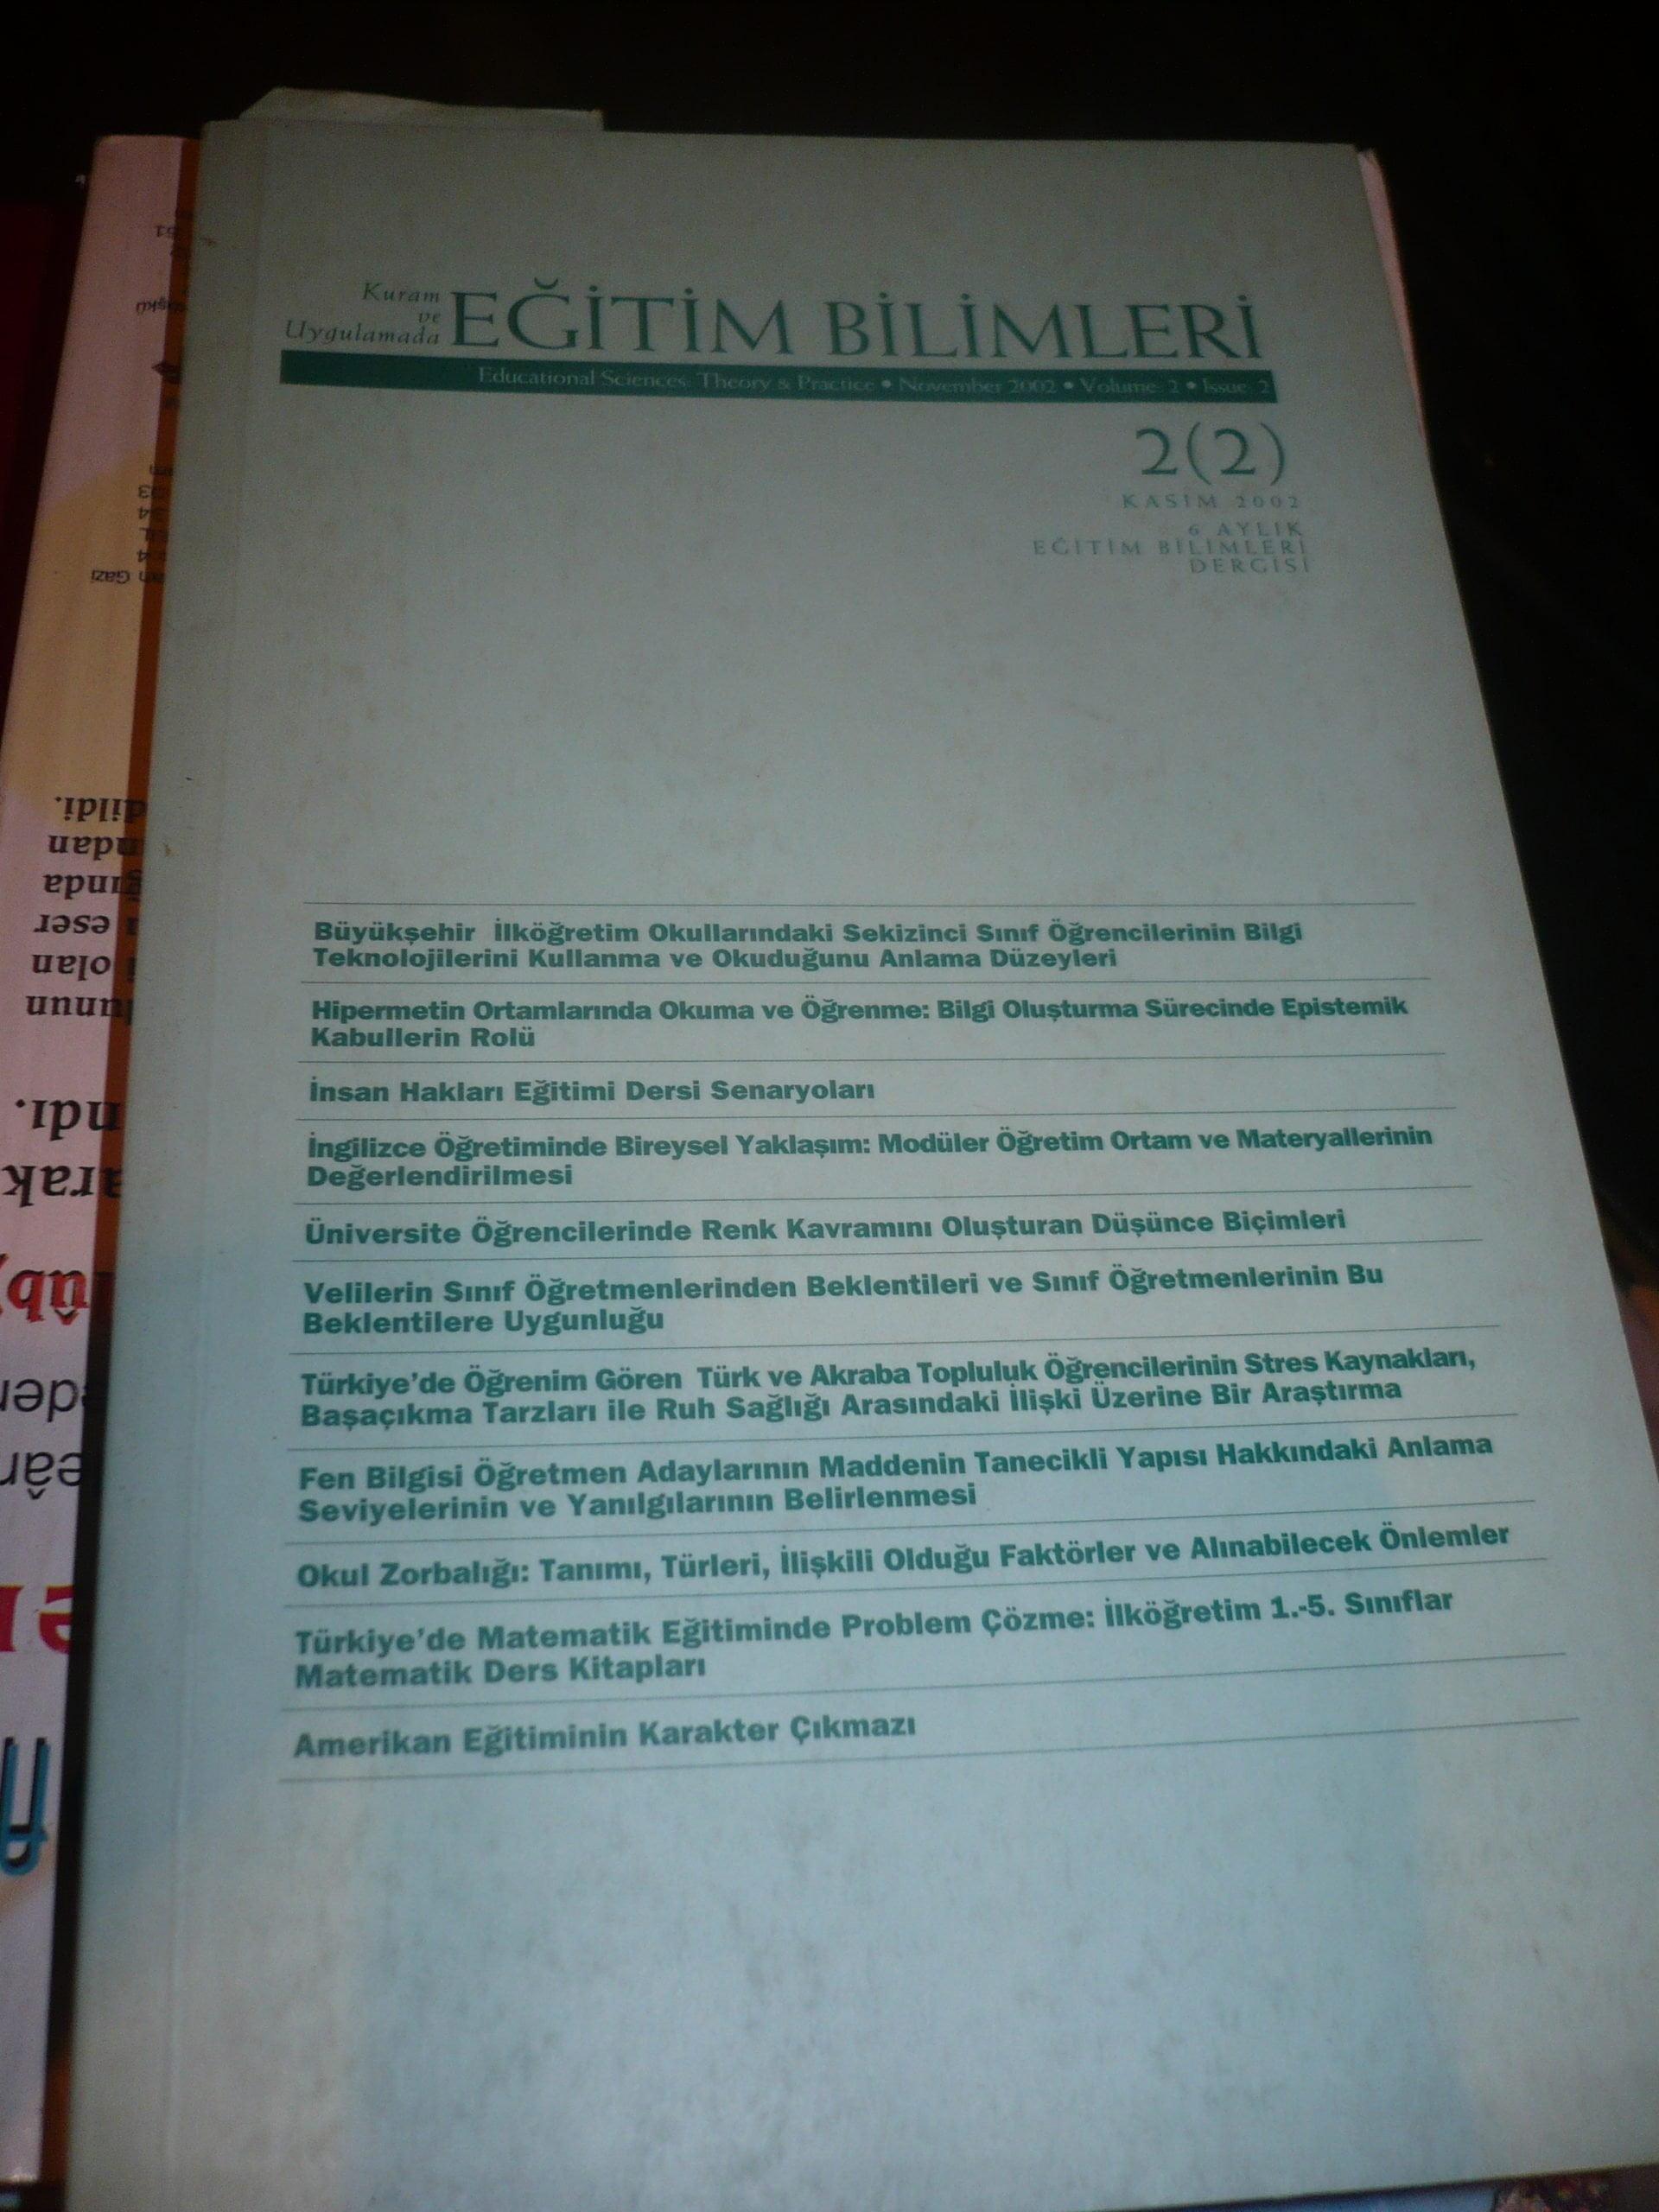 Kuram ve uygulamada EĞİTİM BİLİMLERİ 2/2- kasım 2002/ 15 tl